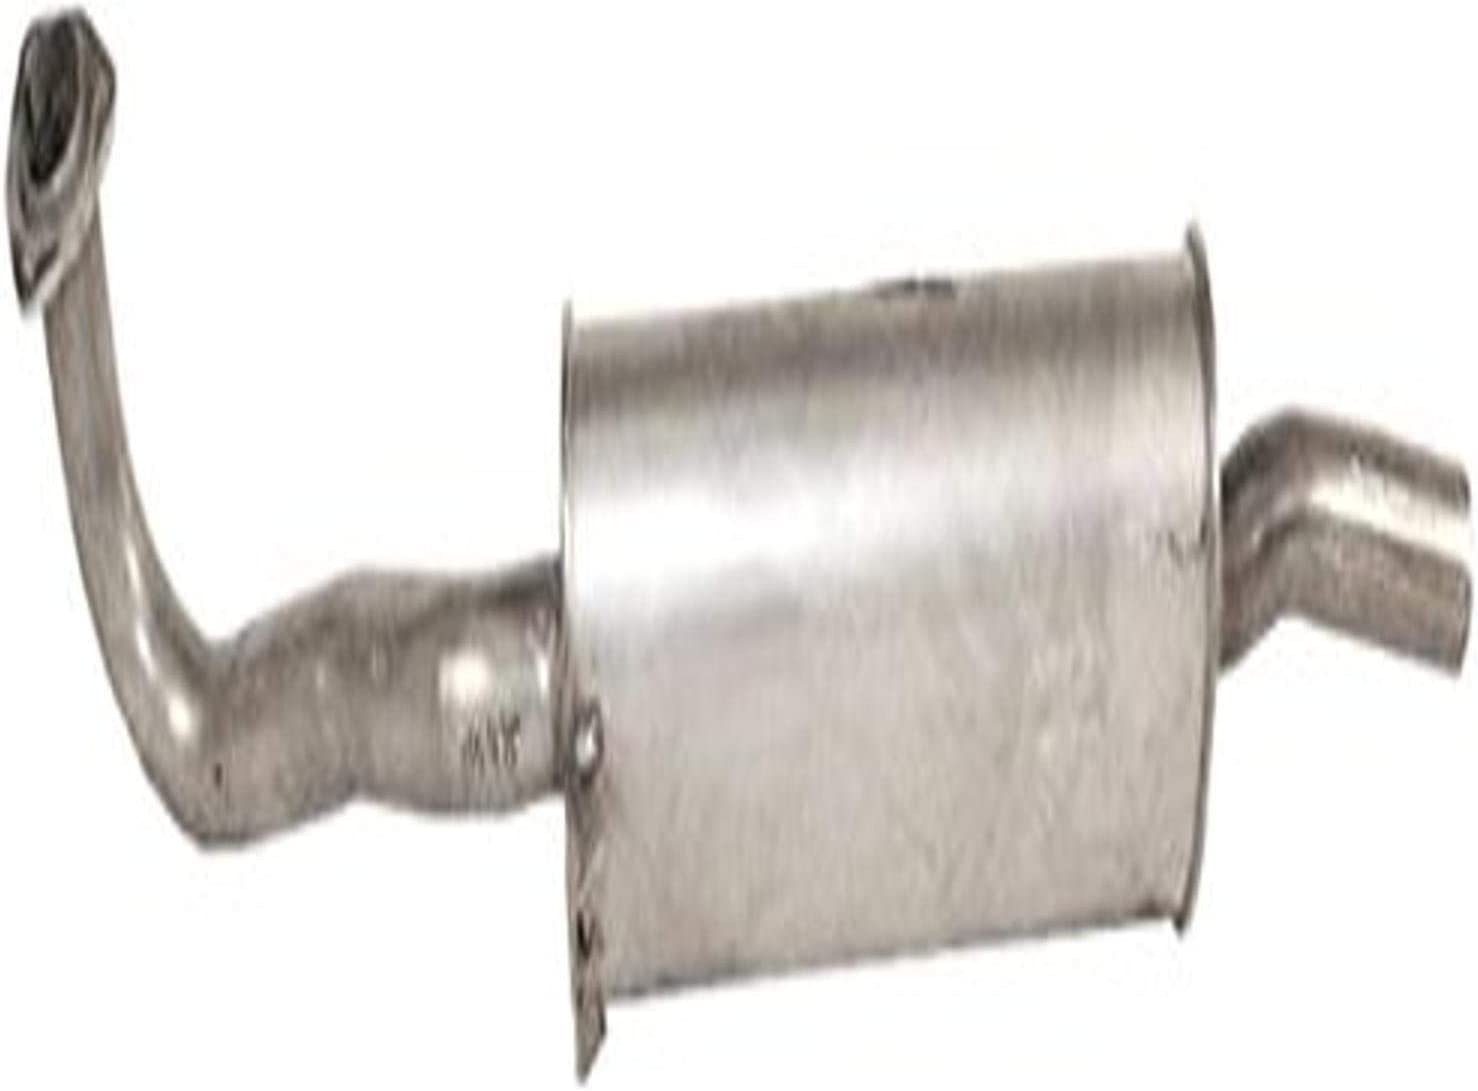 Bosal 100-475 Exhaust Silencer